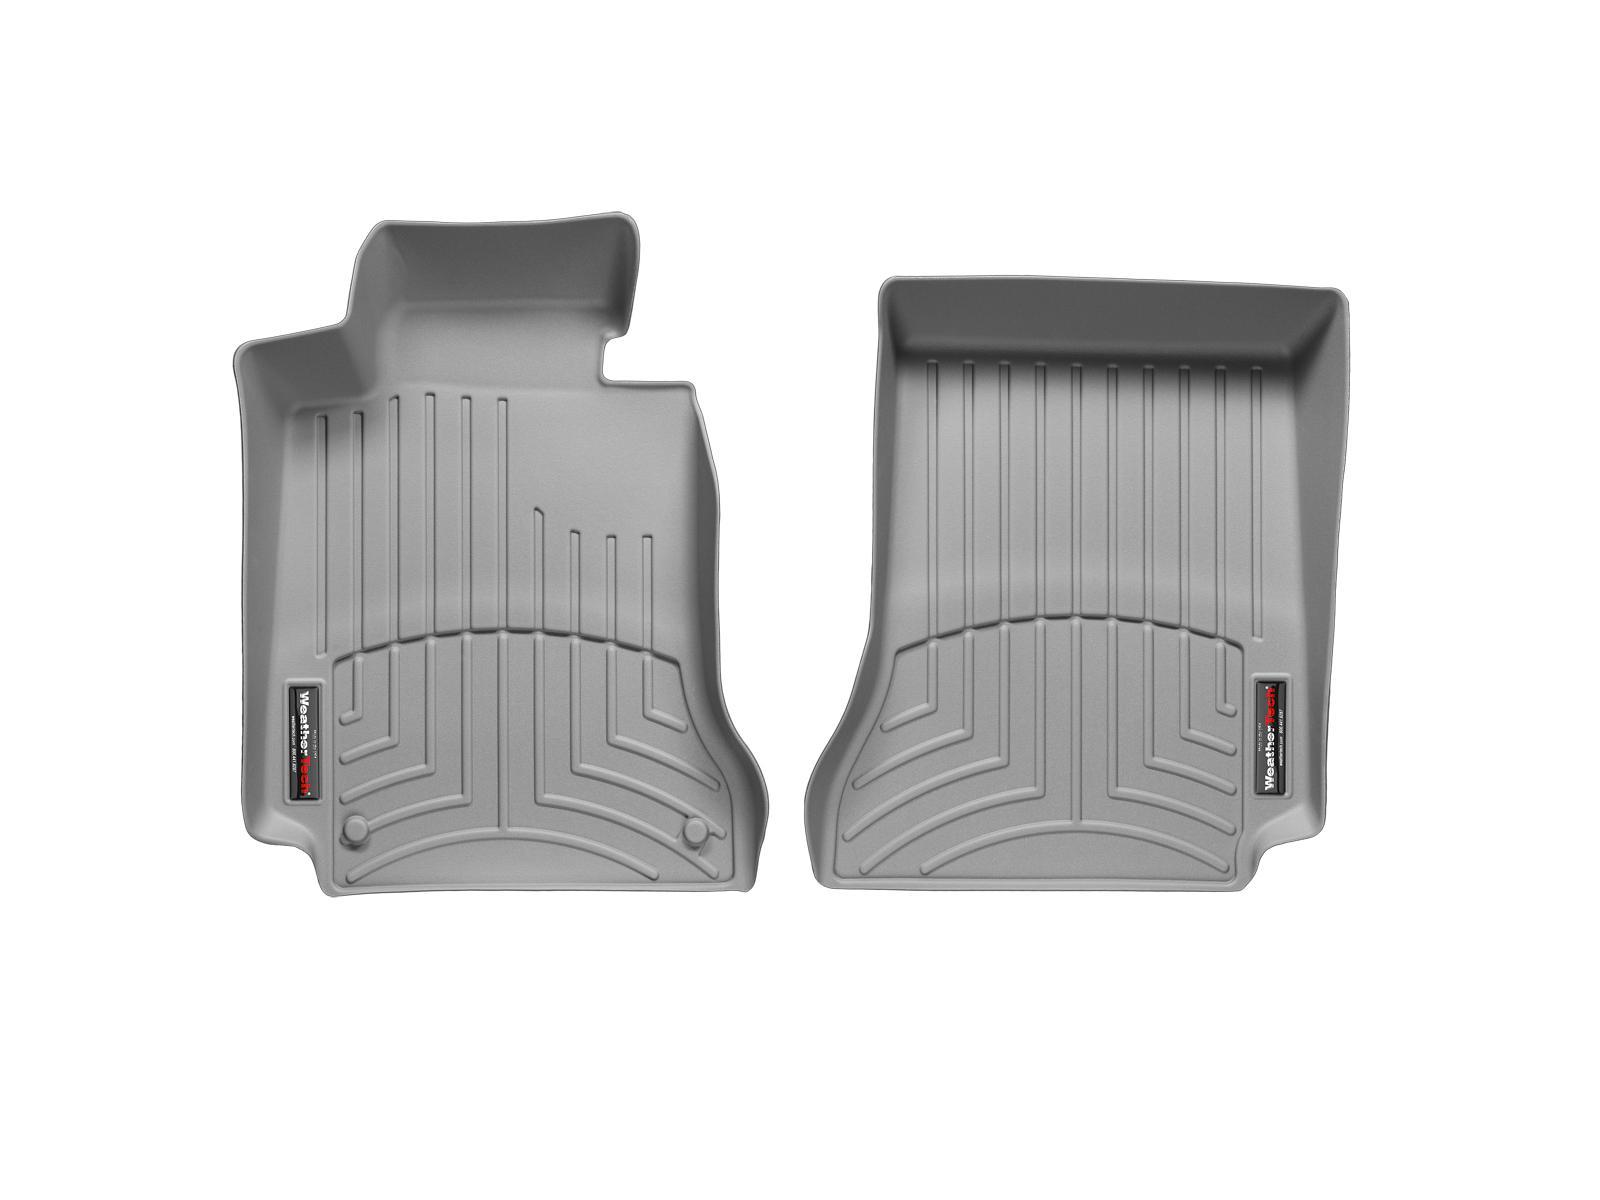 Tappeti gomma su misura bordo alto Mercedes E-Class 12>12 Grigio A2392*